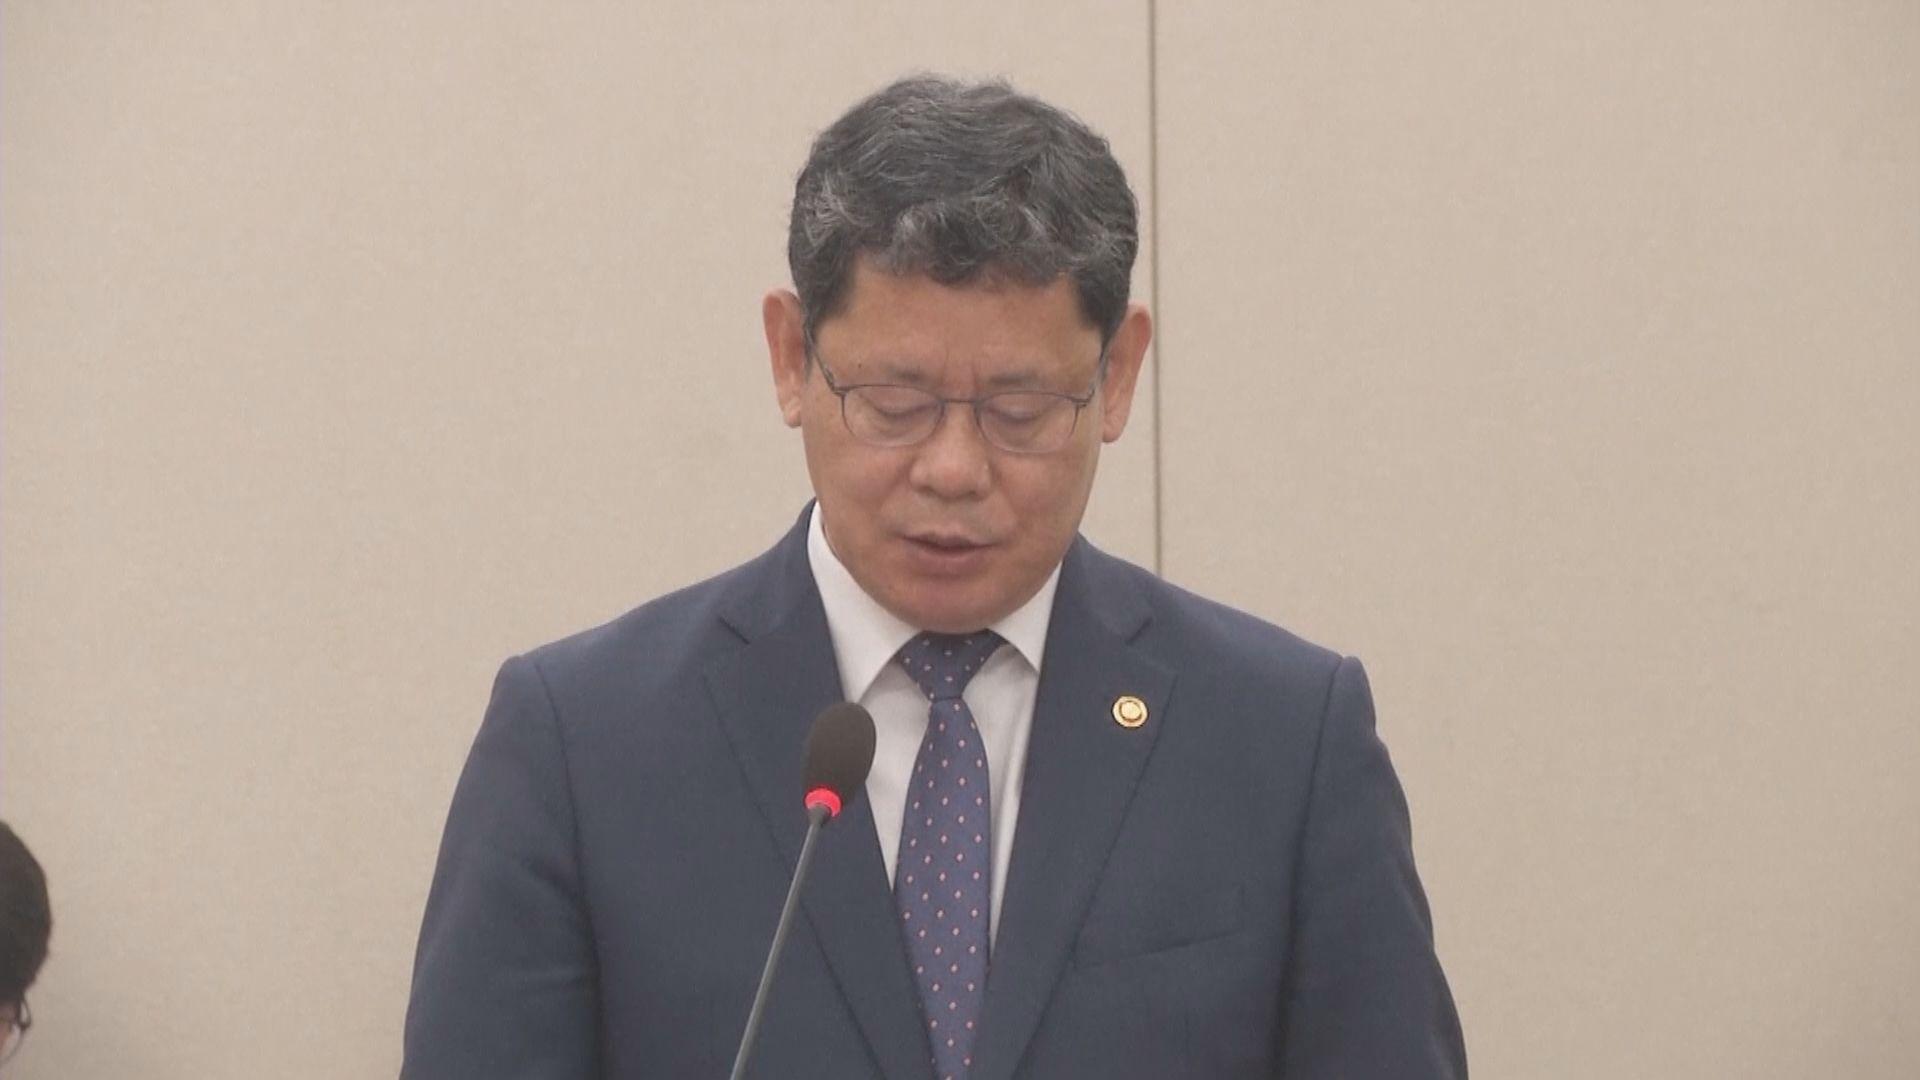 南韓統一部長:「金正恩手術後療養」是假新聞